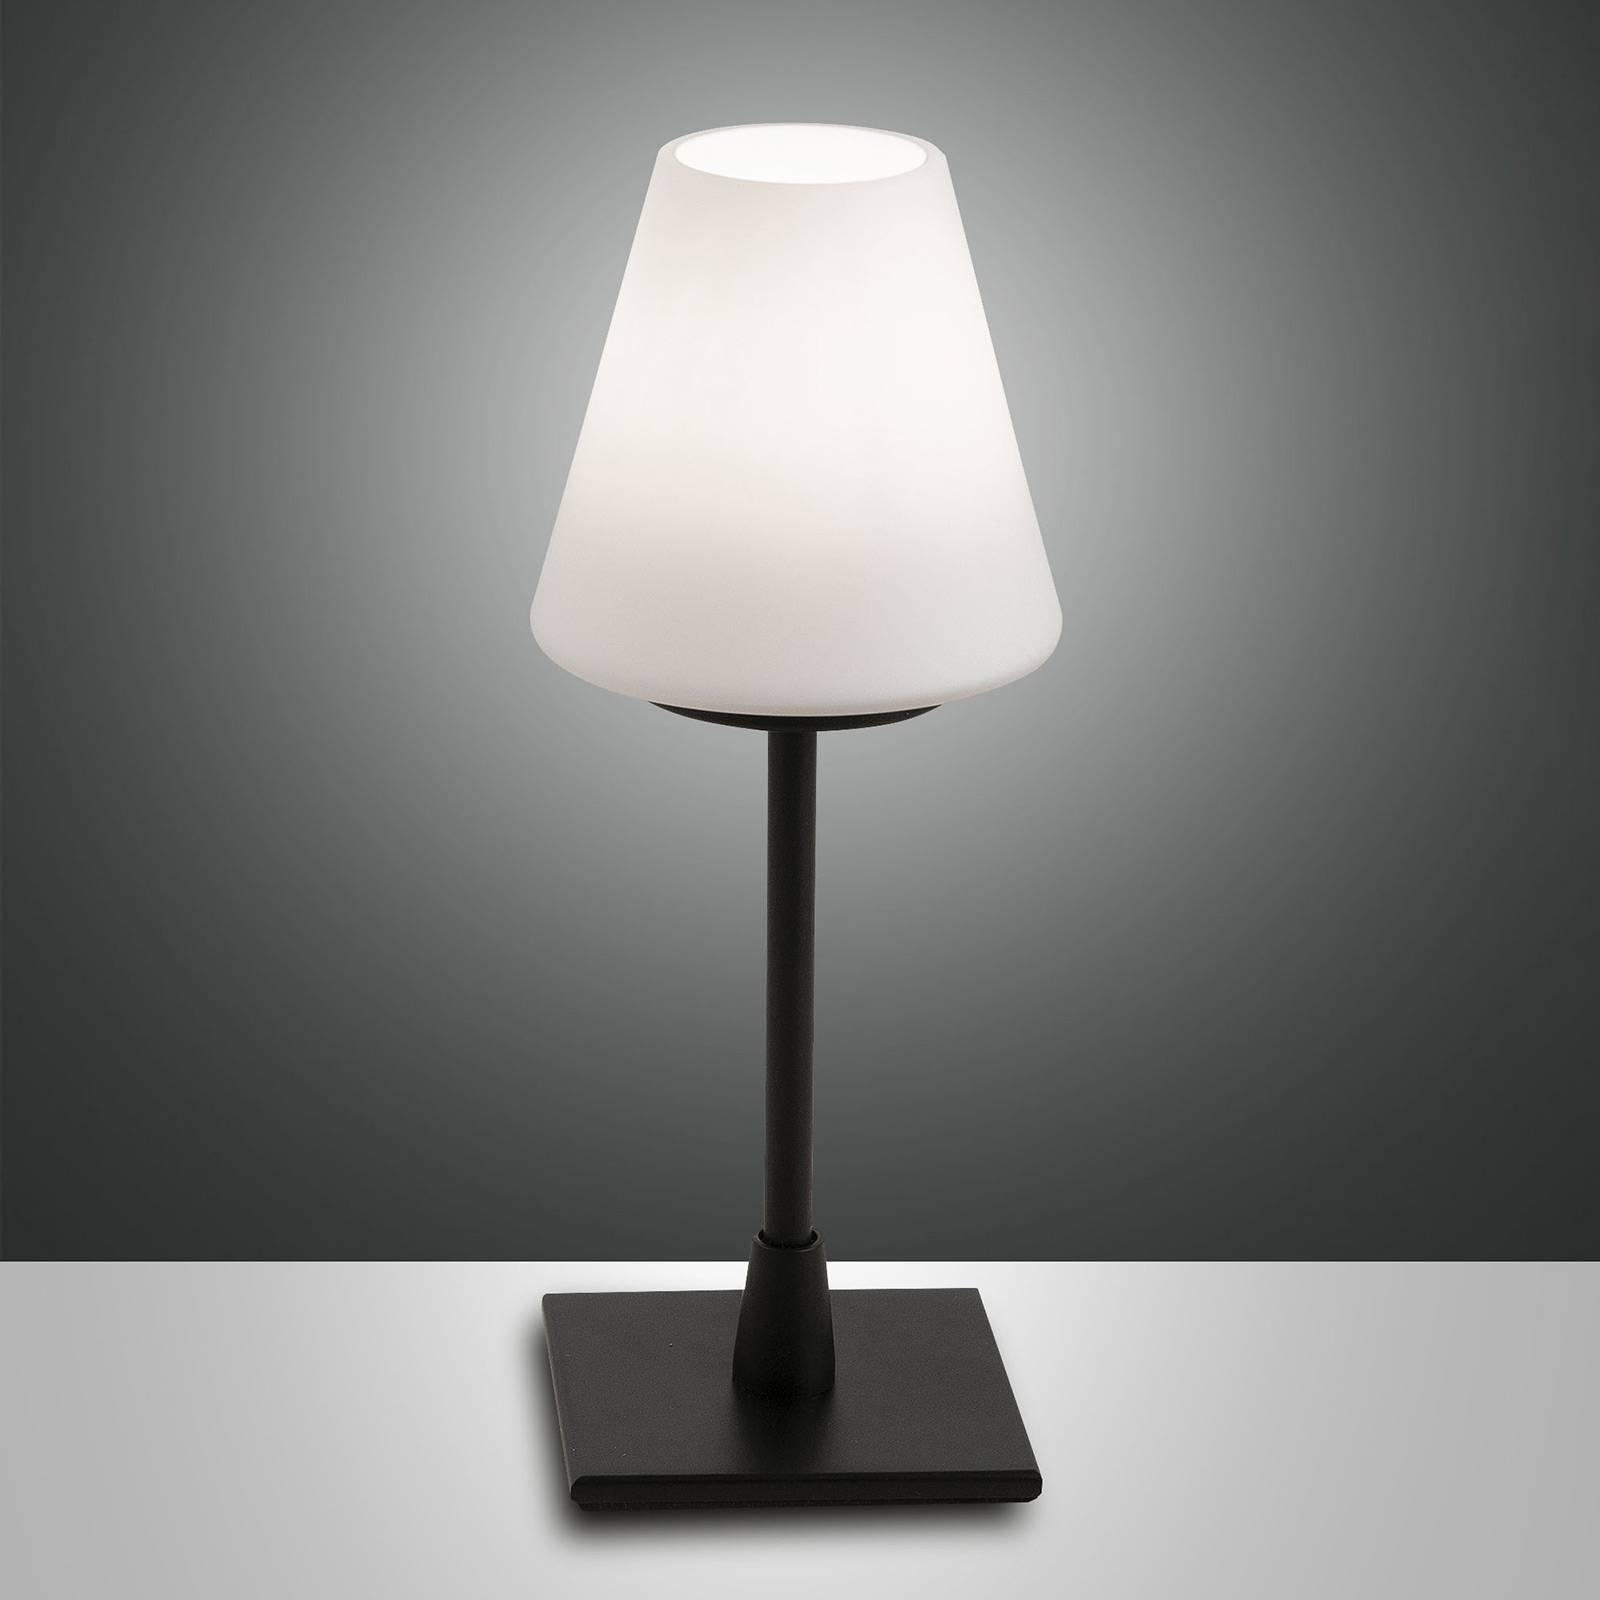 LED-bordlampe Lucy med touchdimmer, svart